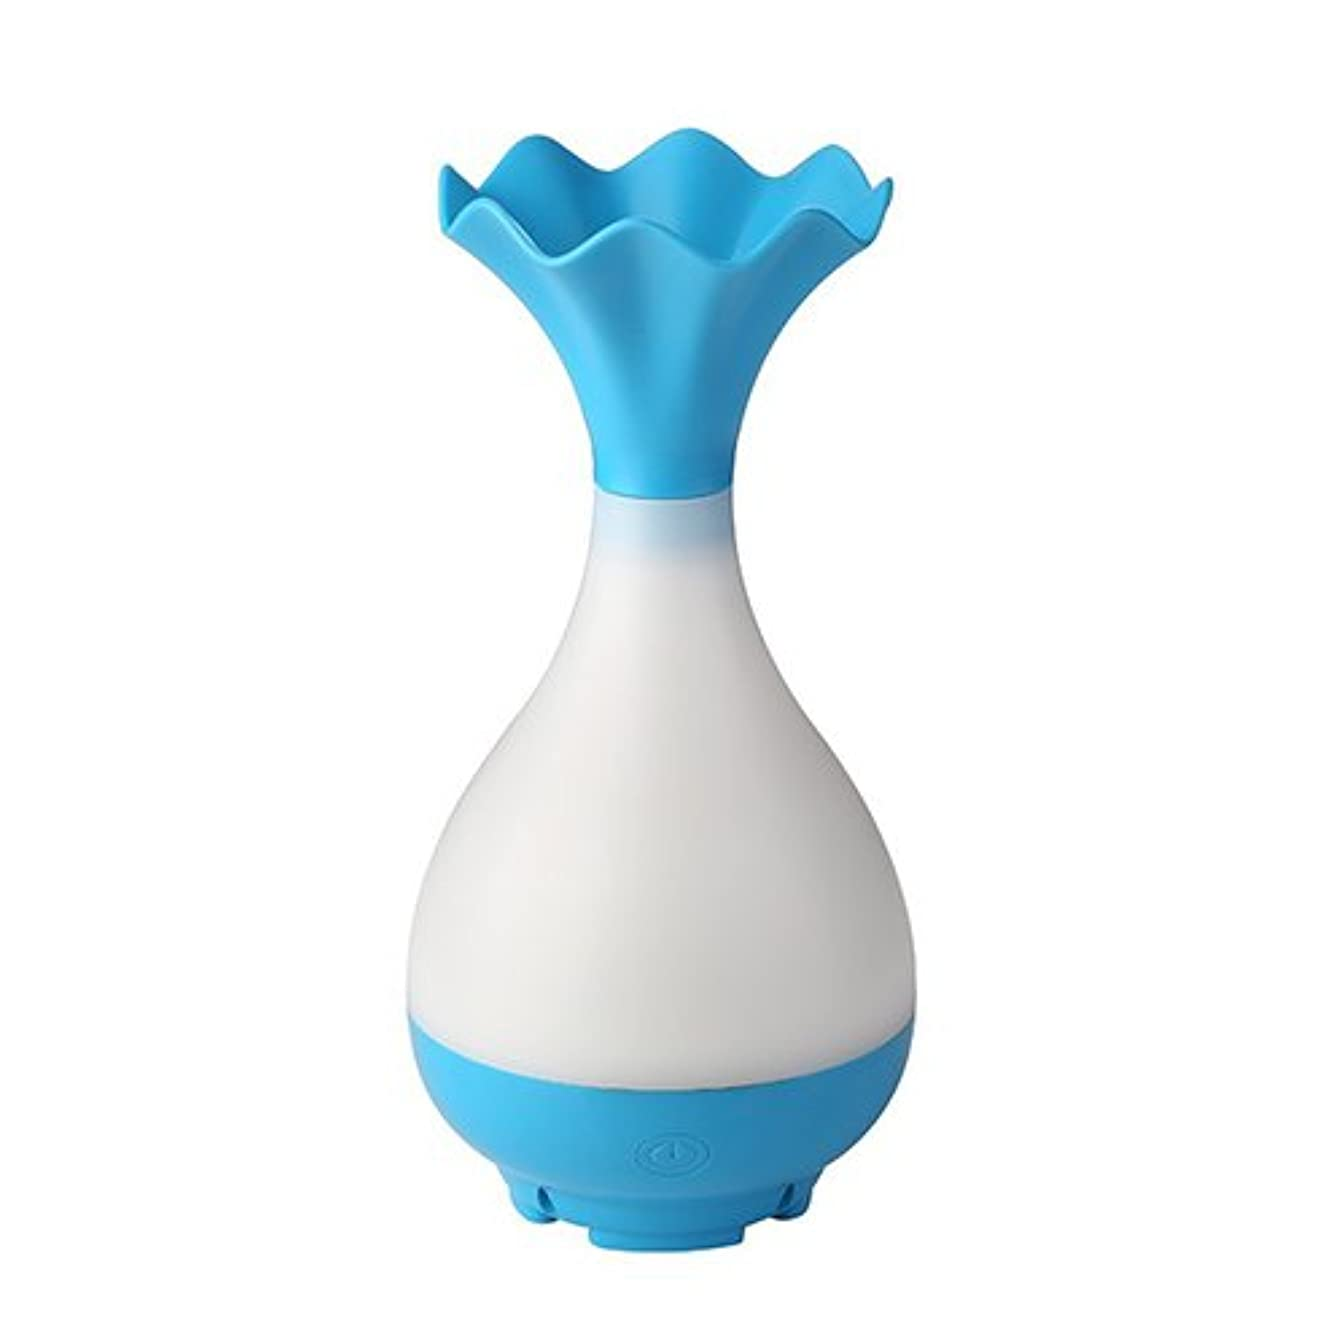 練習オーナー胸Mystic Moments | Blue Vase Bottle USB Aromatherapy Oil Humidifier Diffuser with LED Lighting